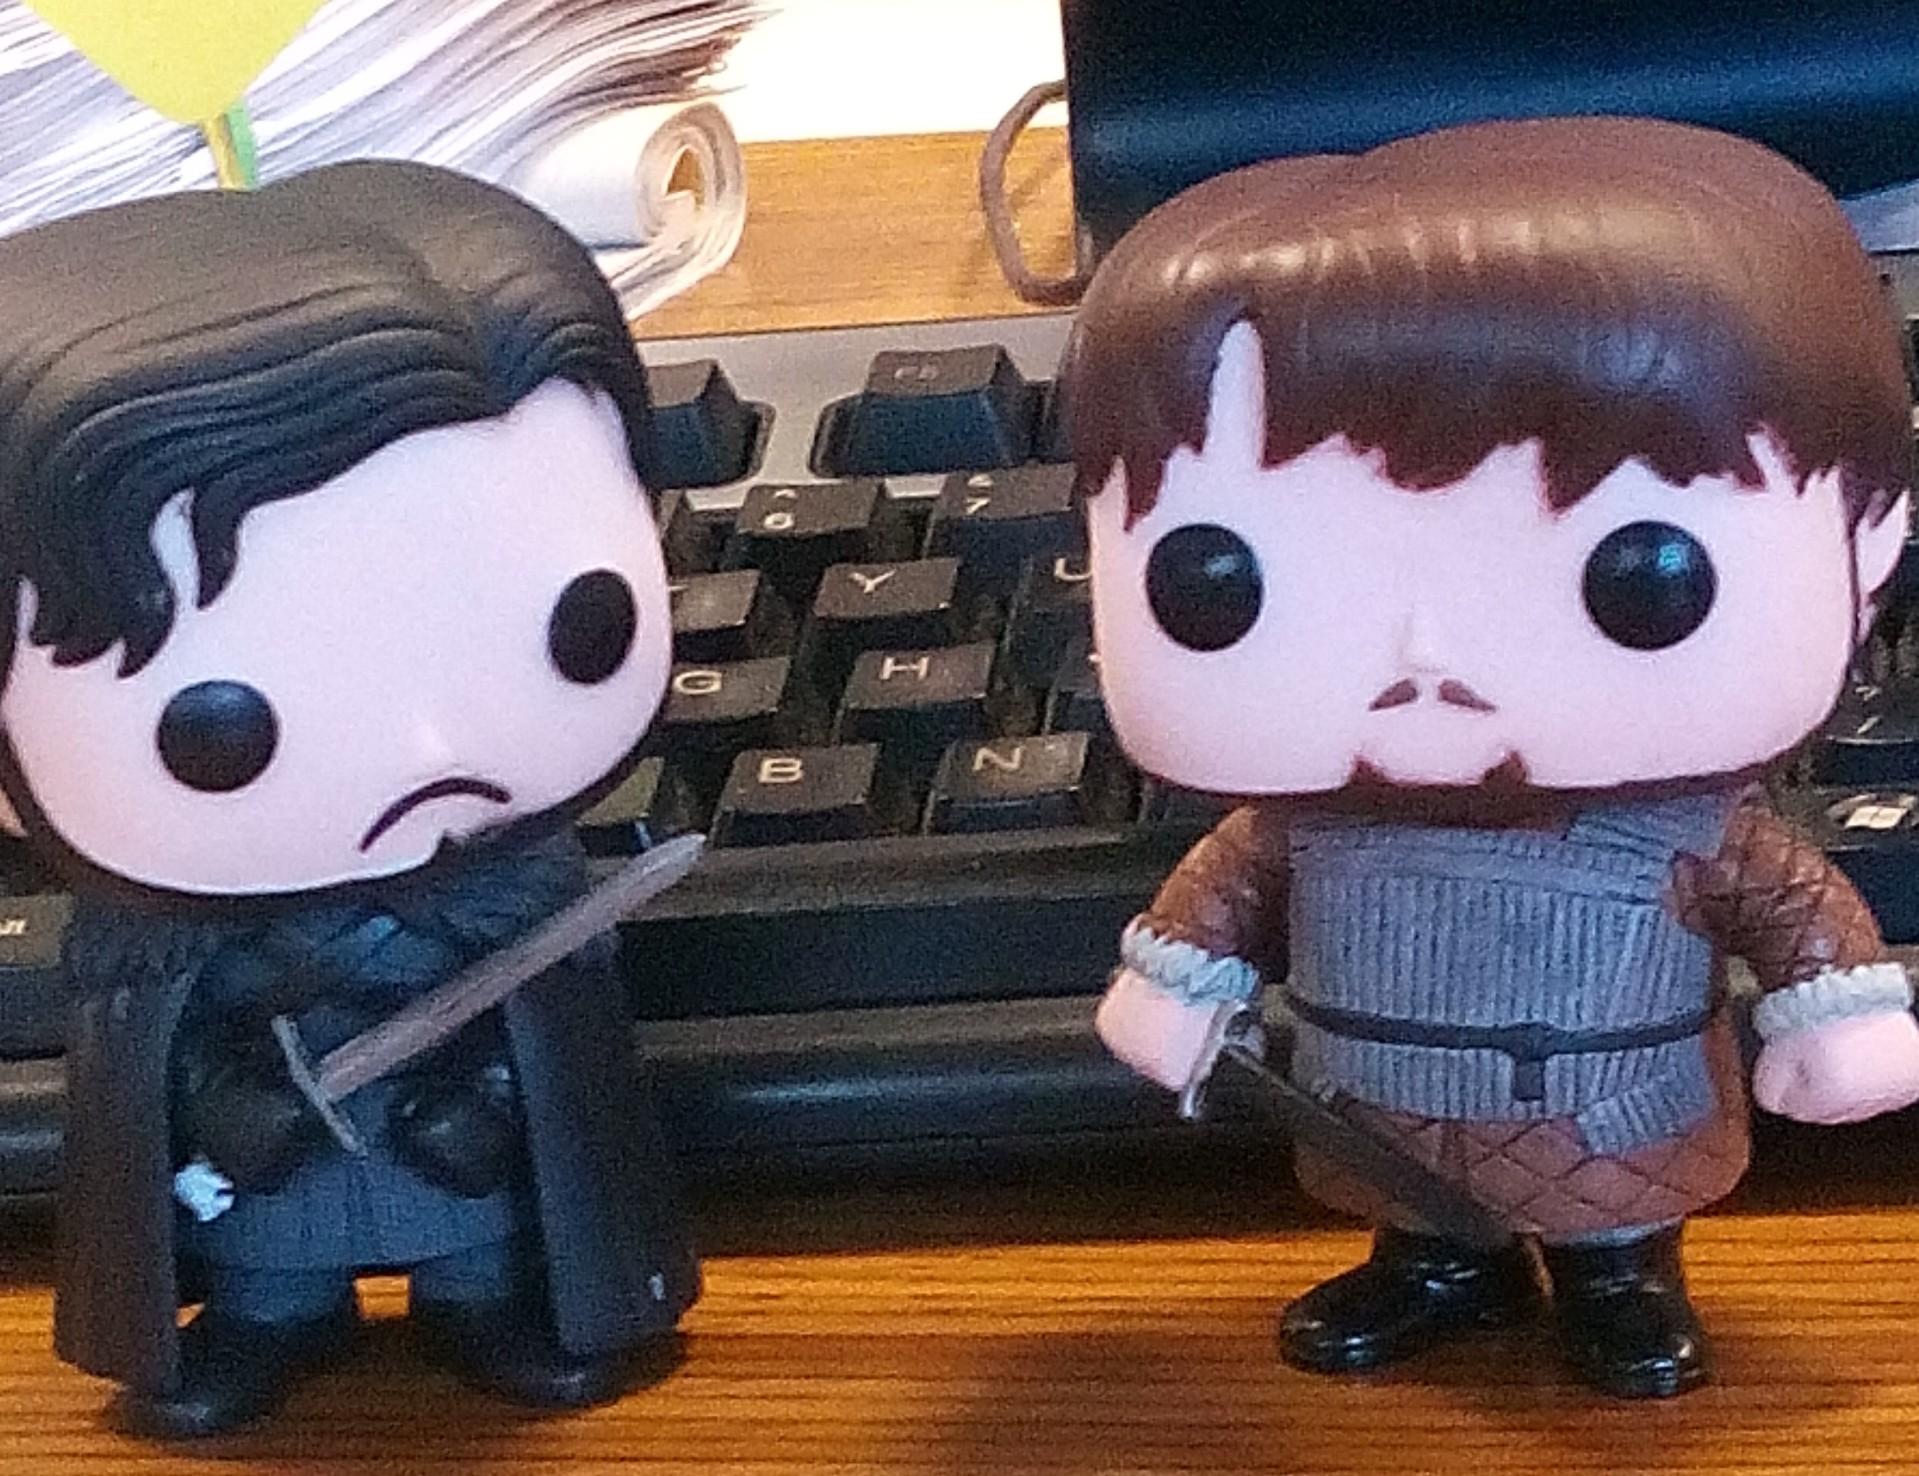 Ciccio Tarly e Jon Snow che vivono con me al lavoro questa mattina hanno indetto una protesta sindacale per discutere del loro raccapricciante destino. In questa immagine mi precludono l'accesso alla tastiera.